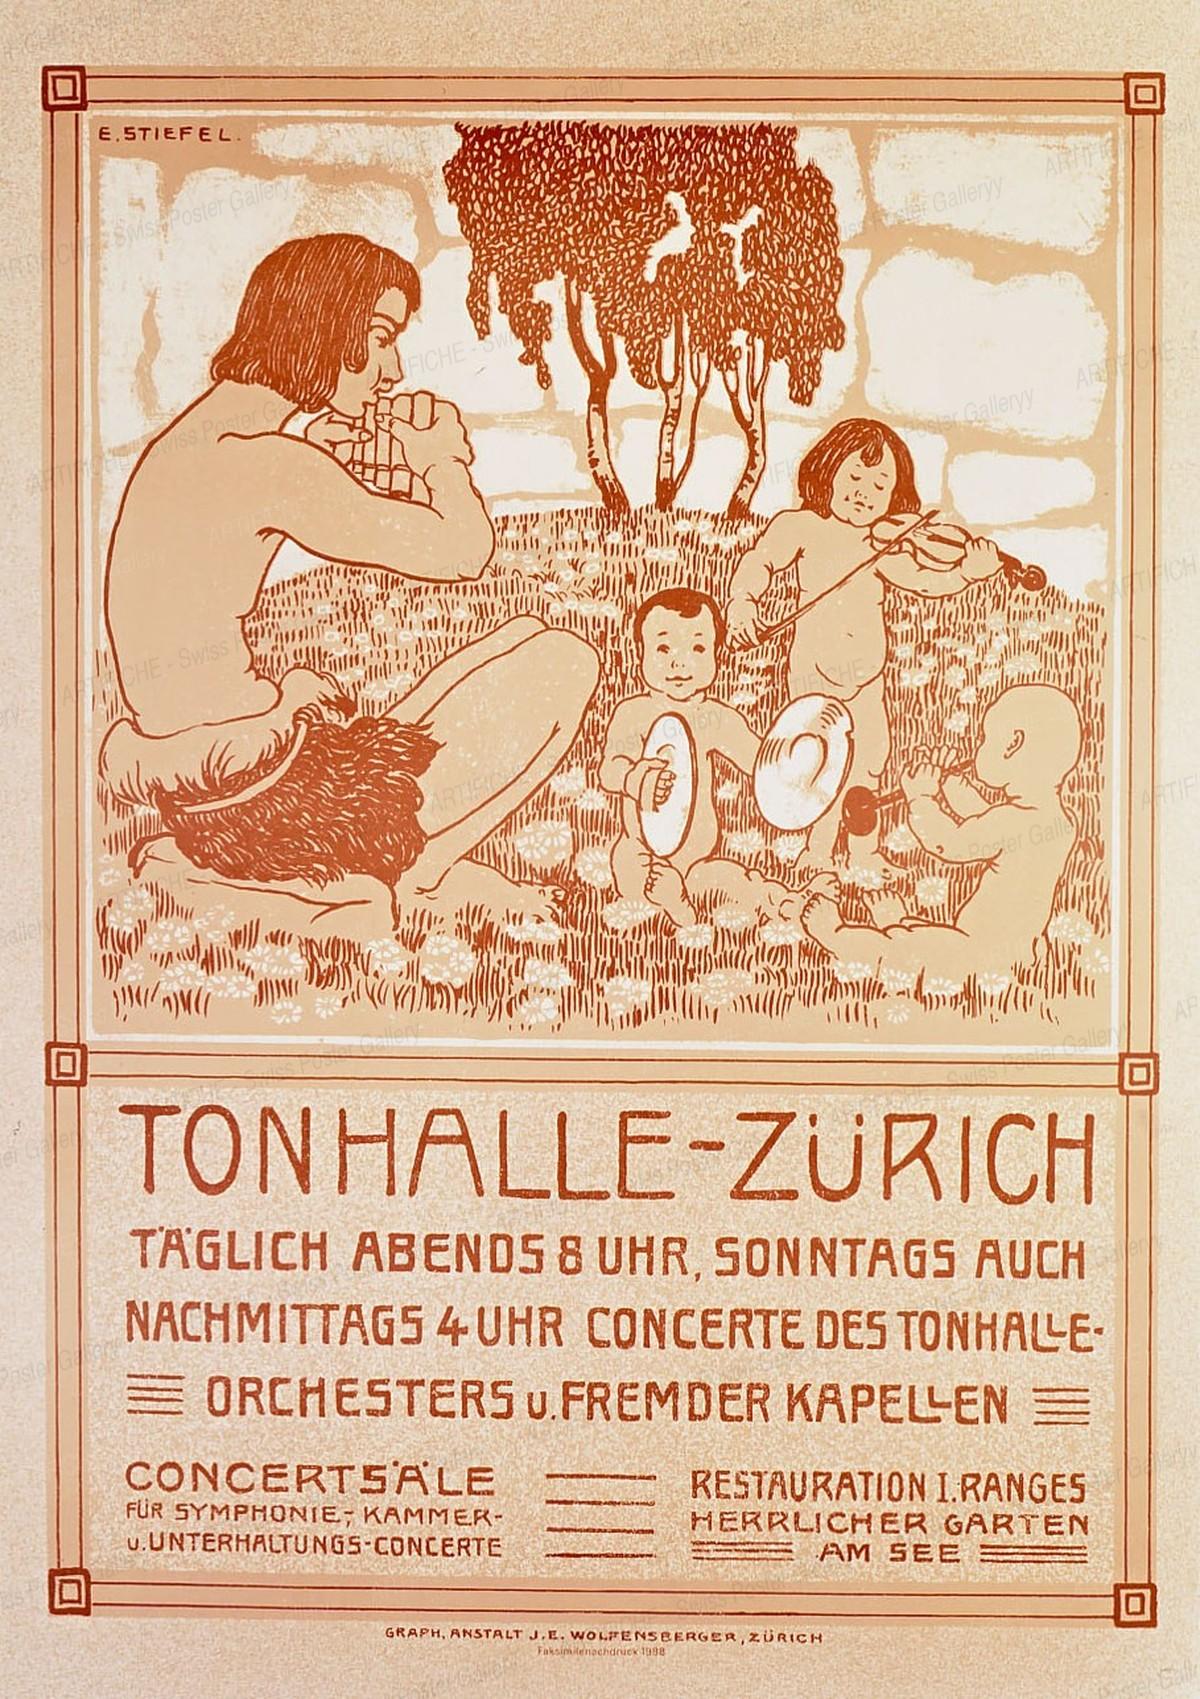 Tonhalle Zürich (Reprint), Edouard Stiefel